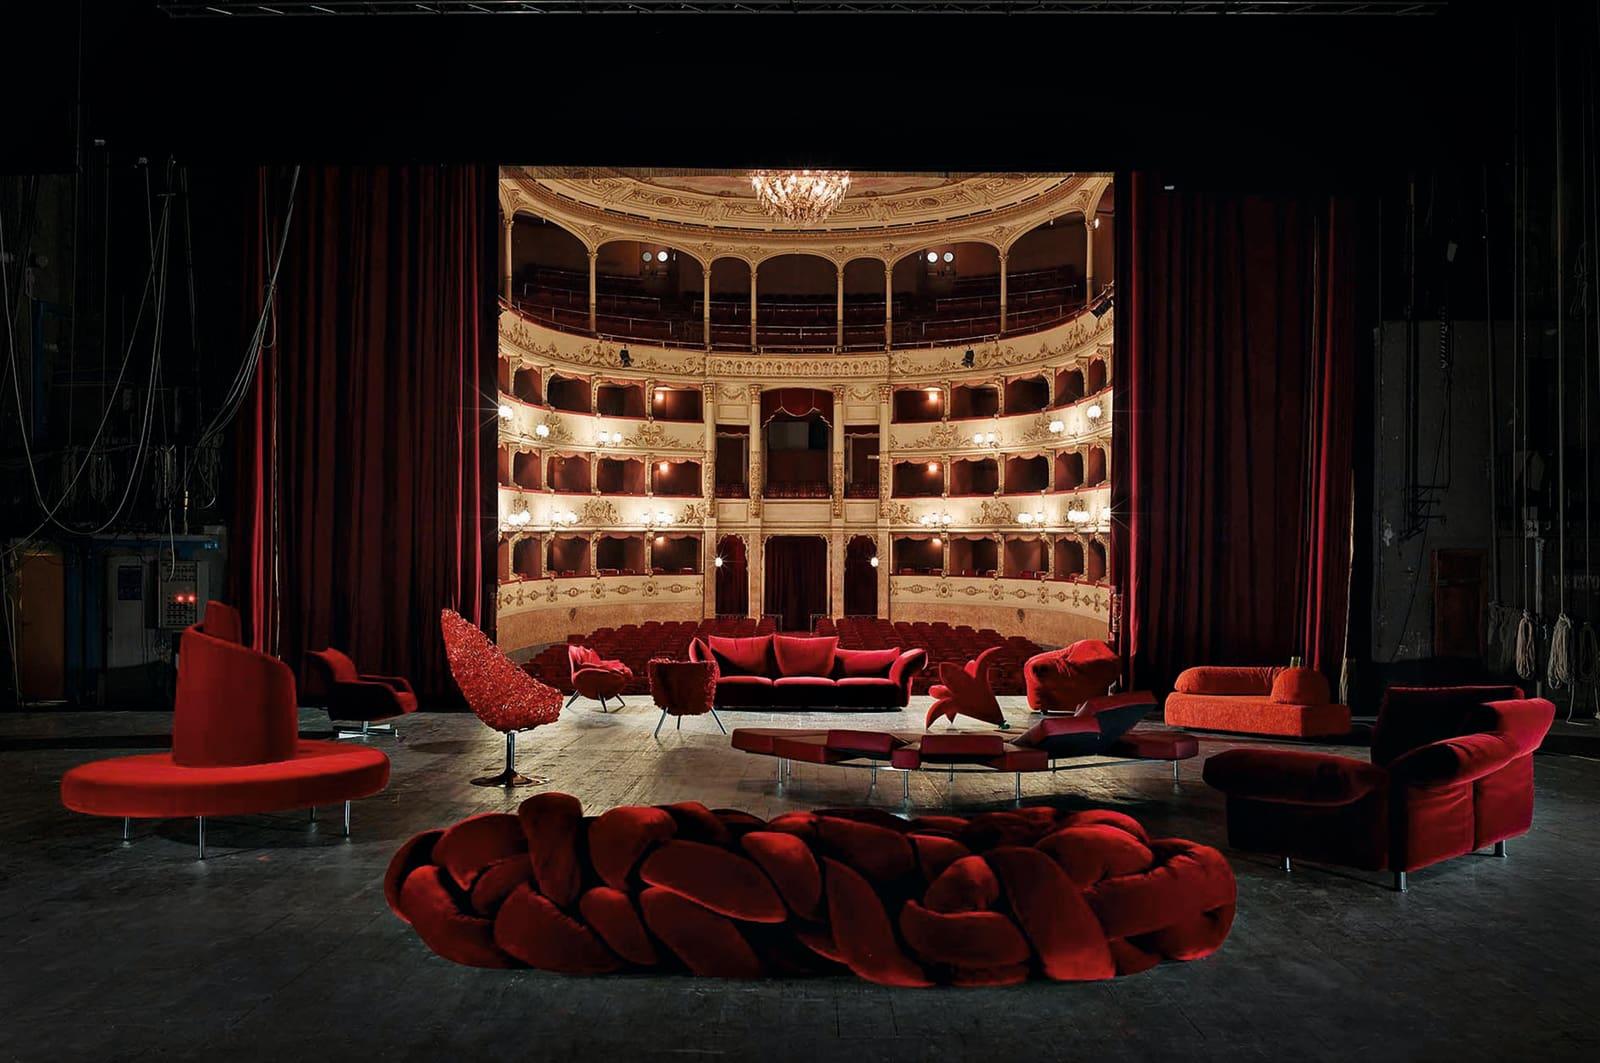 Edras Ikonen im Florentiner Teatro della Pergola.